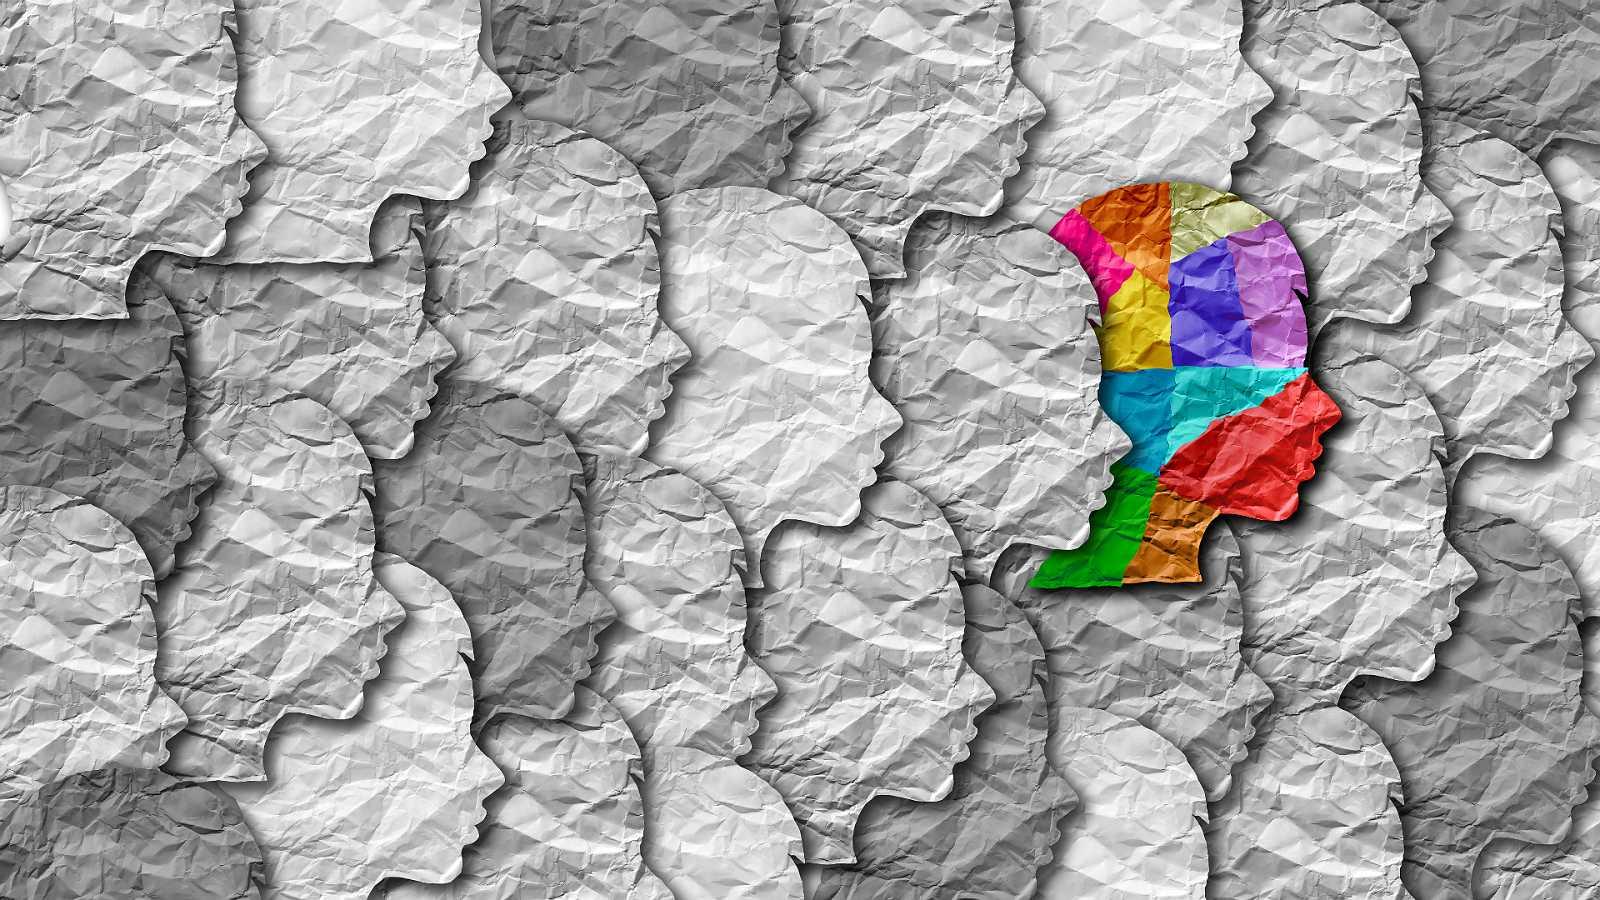 Mamás y papás - Autismo: cuando el mundo se percibe de otra manera - 01/02/20 - Escuchar ahora